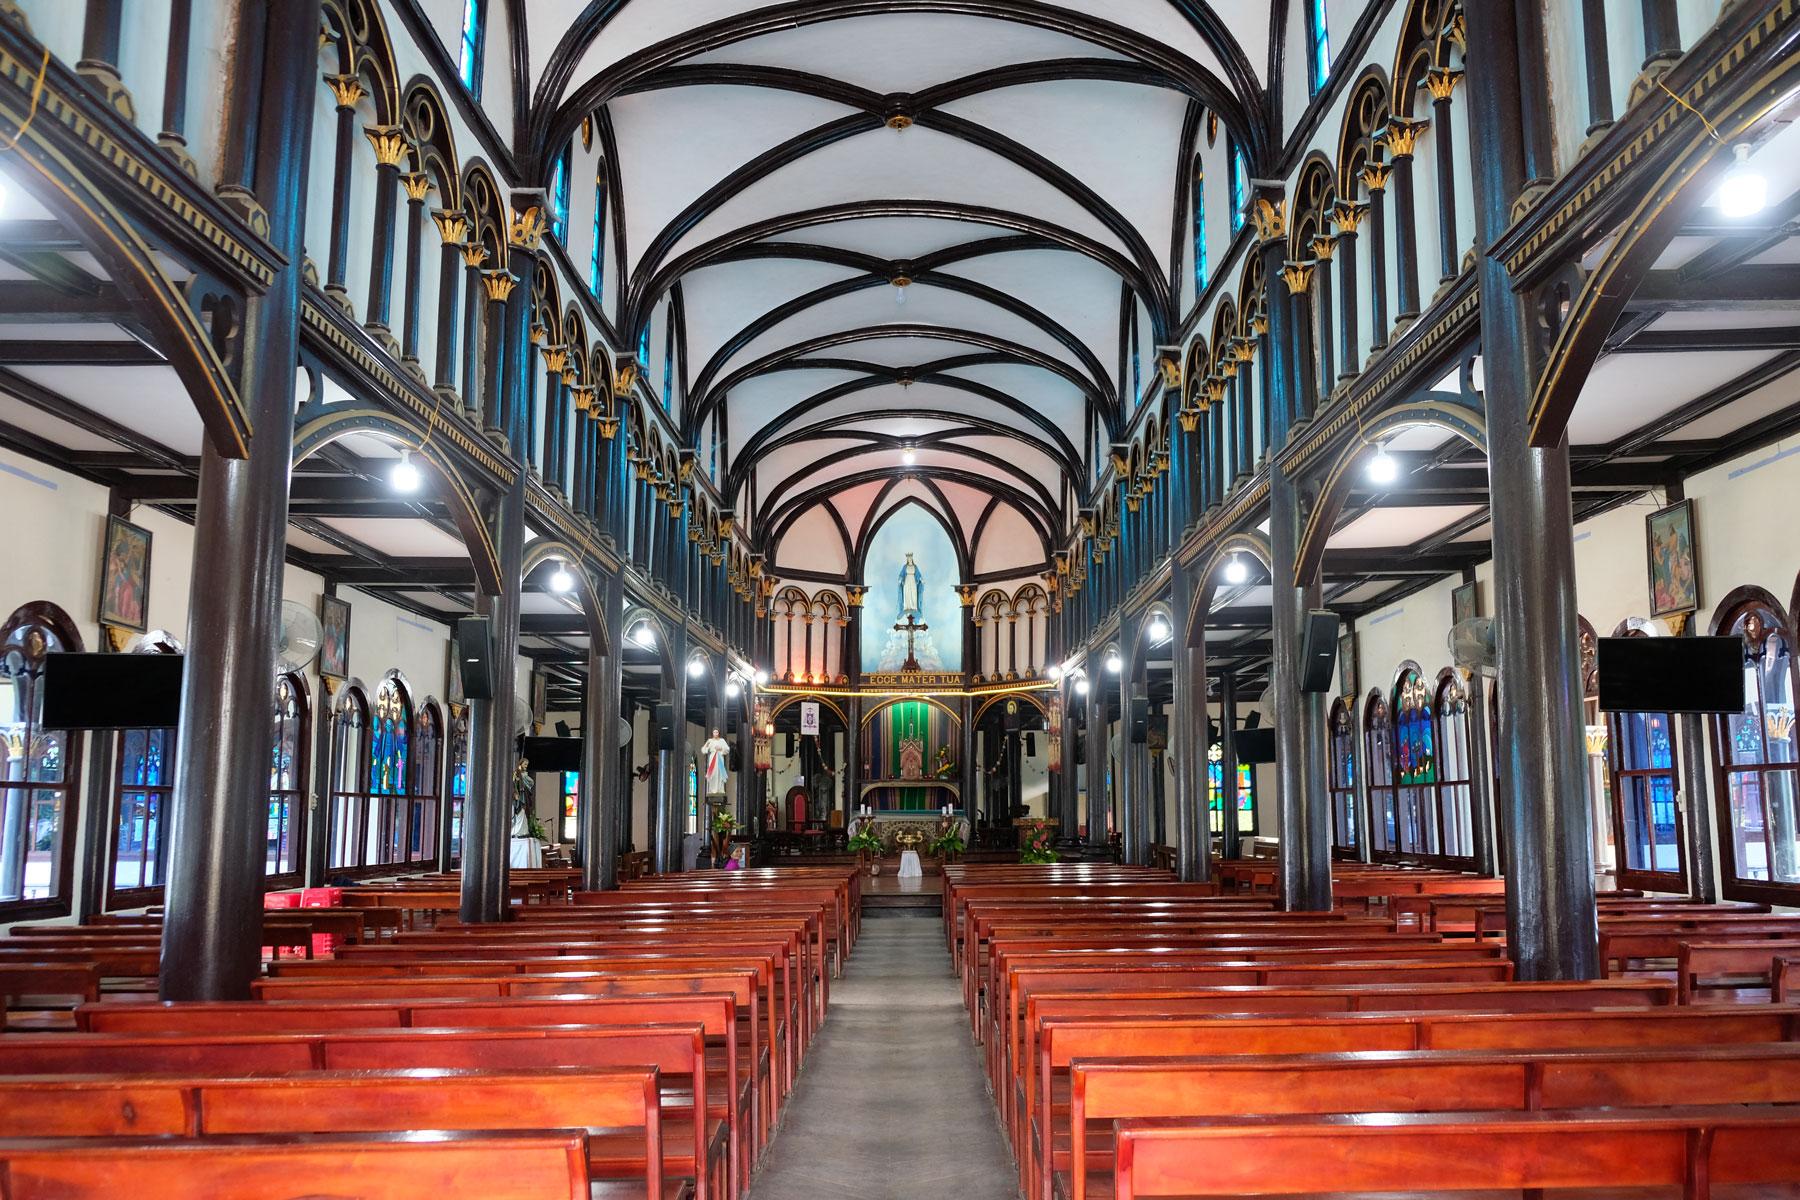 Das Innere der Holzkirche von Kon Tum in Vietnam.